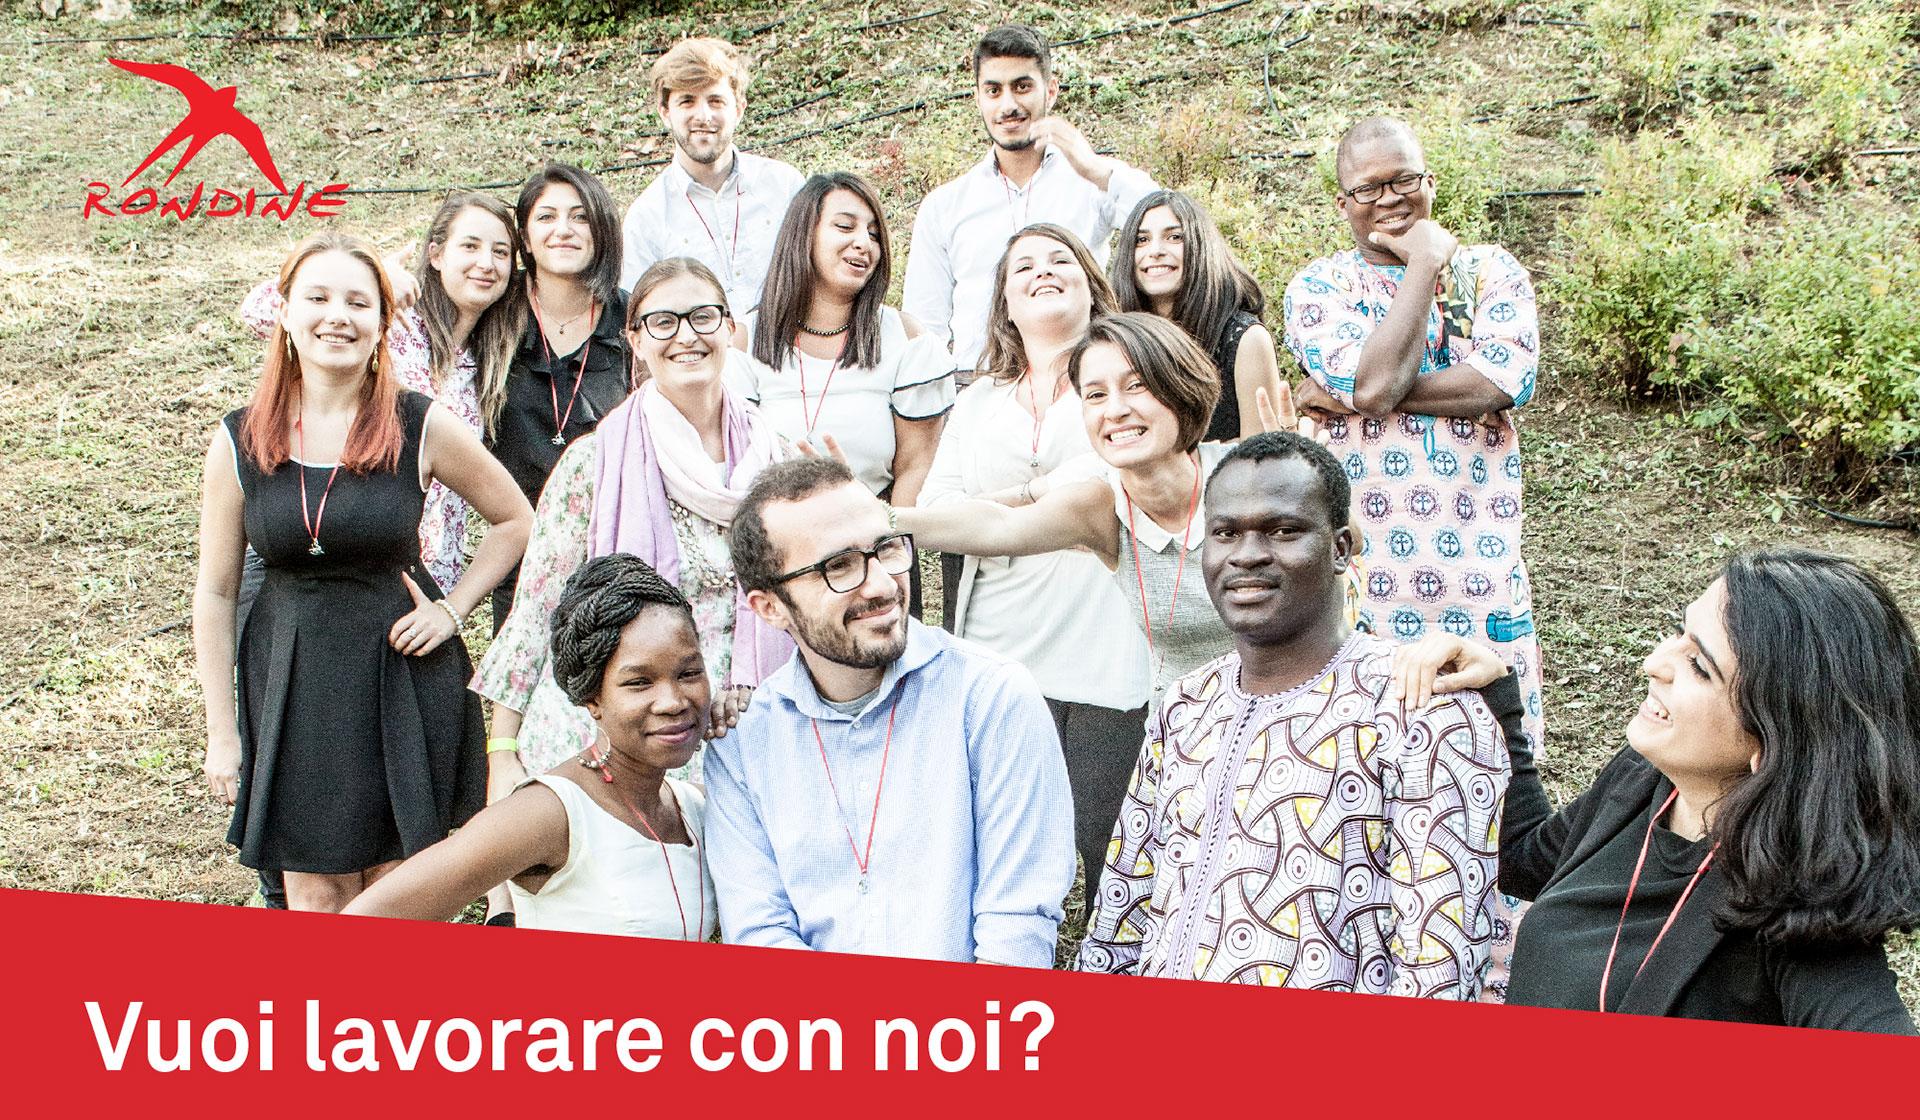 Vuoi lavorare con noi? Aperte posizioni professionali a Rondine